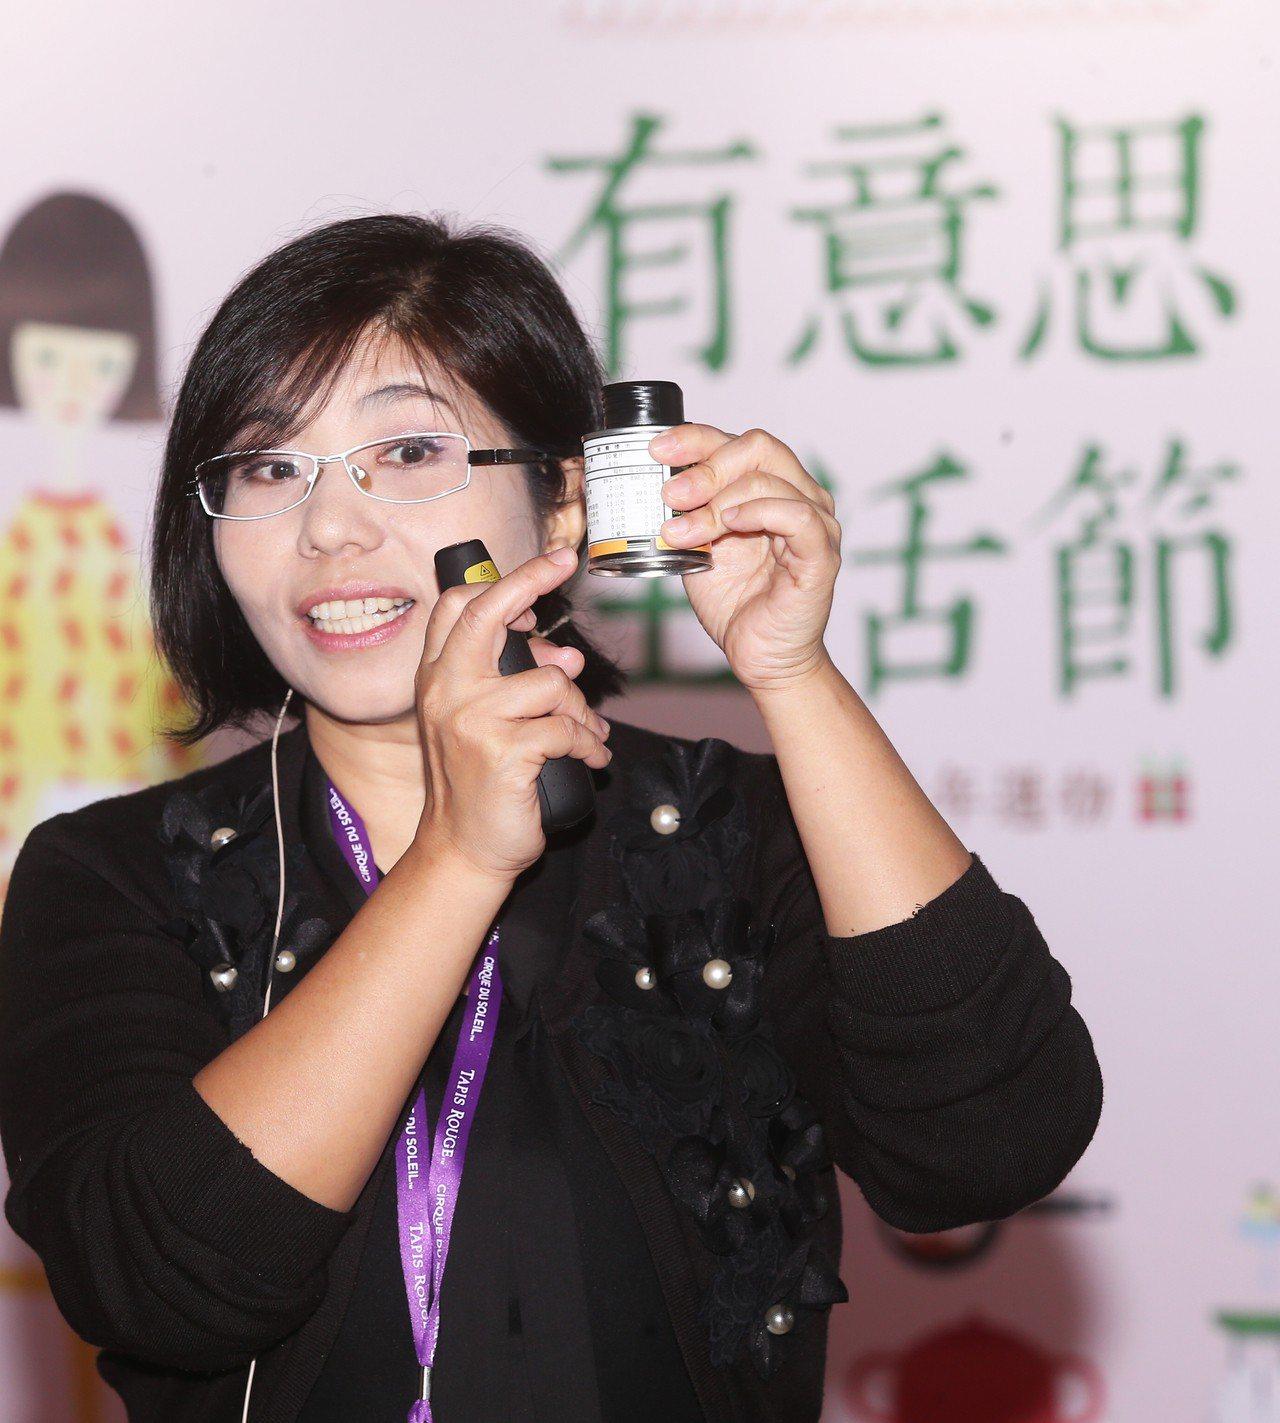 中華食源教育推廣協會發起人謝素麗(Sunny)說,橄欖油其實是非常好的調味料,可...